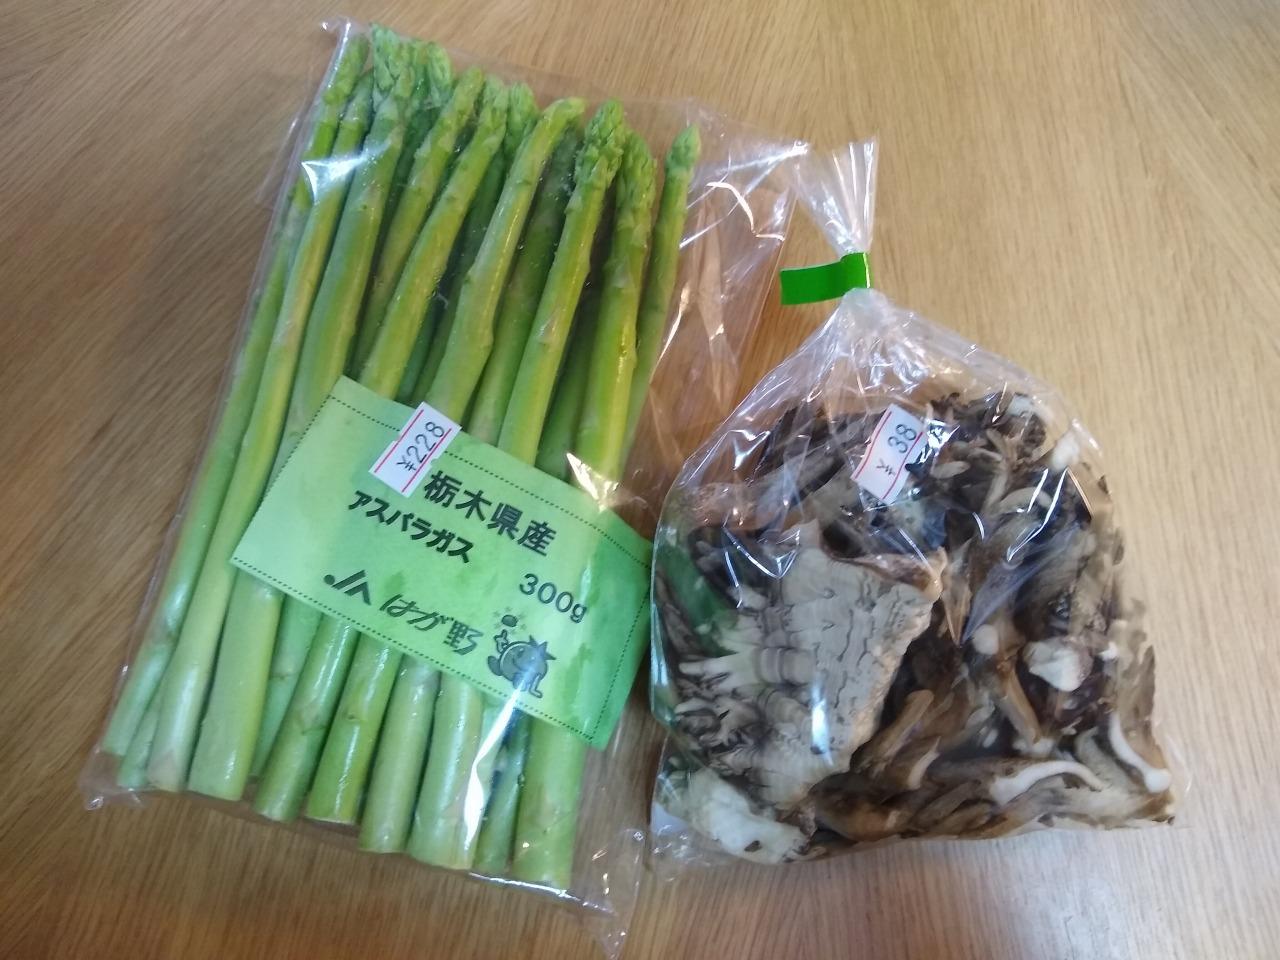 綱島駅前セブンイレブン購入の野菜